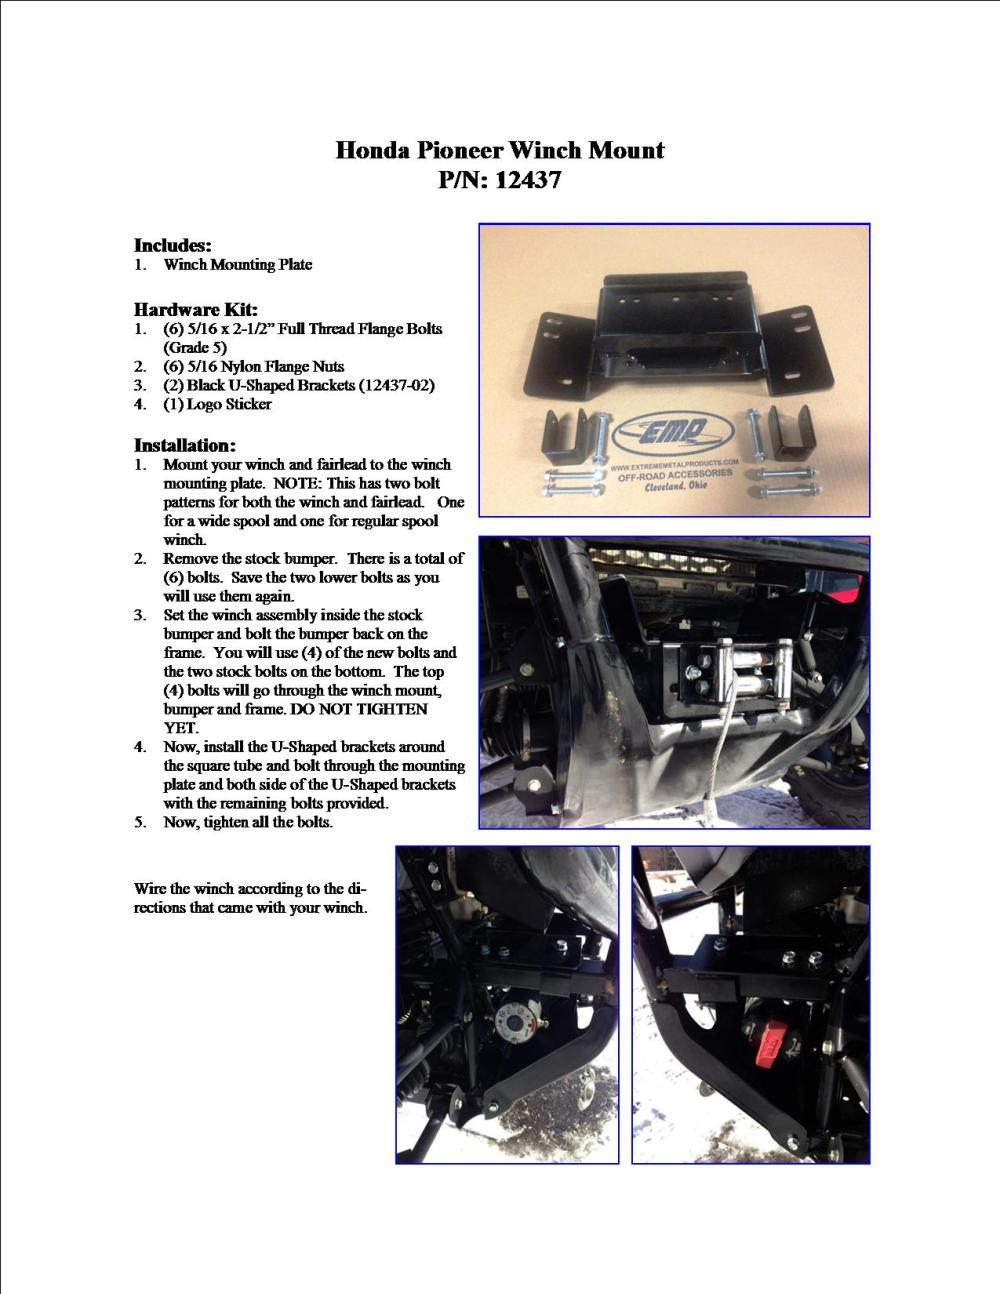 medium resolution of honda pioneer winch wiring block and schematic diagrams u2022 gorilla atv winch wiring schematics at